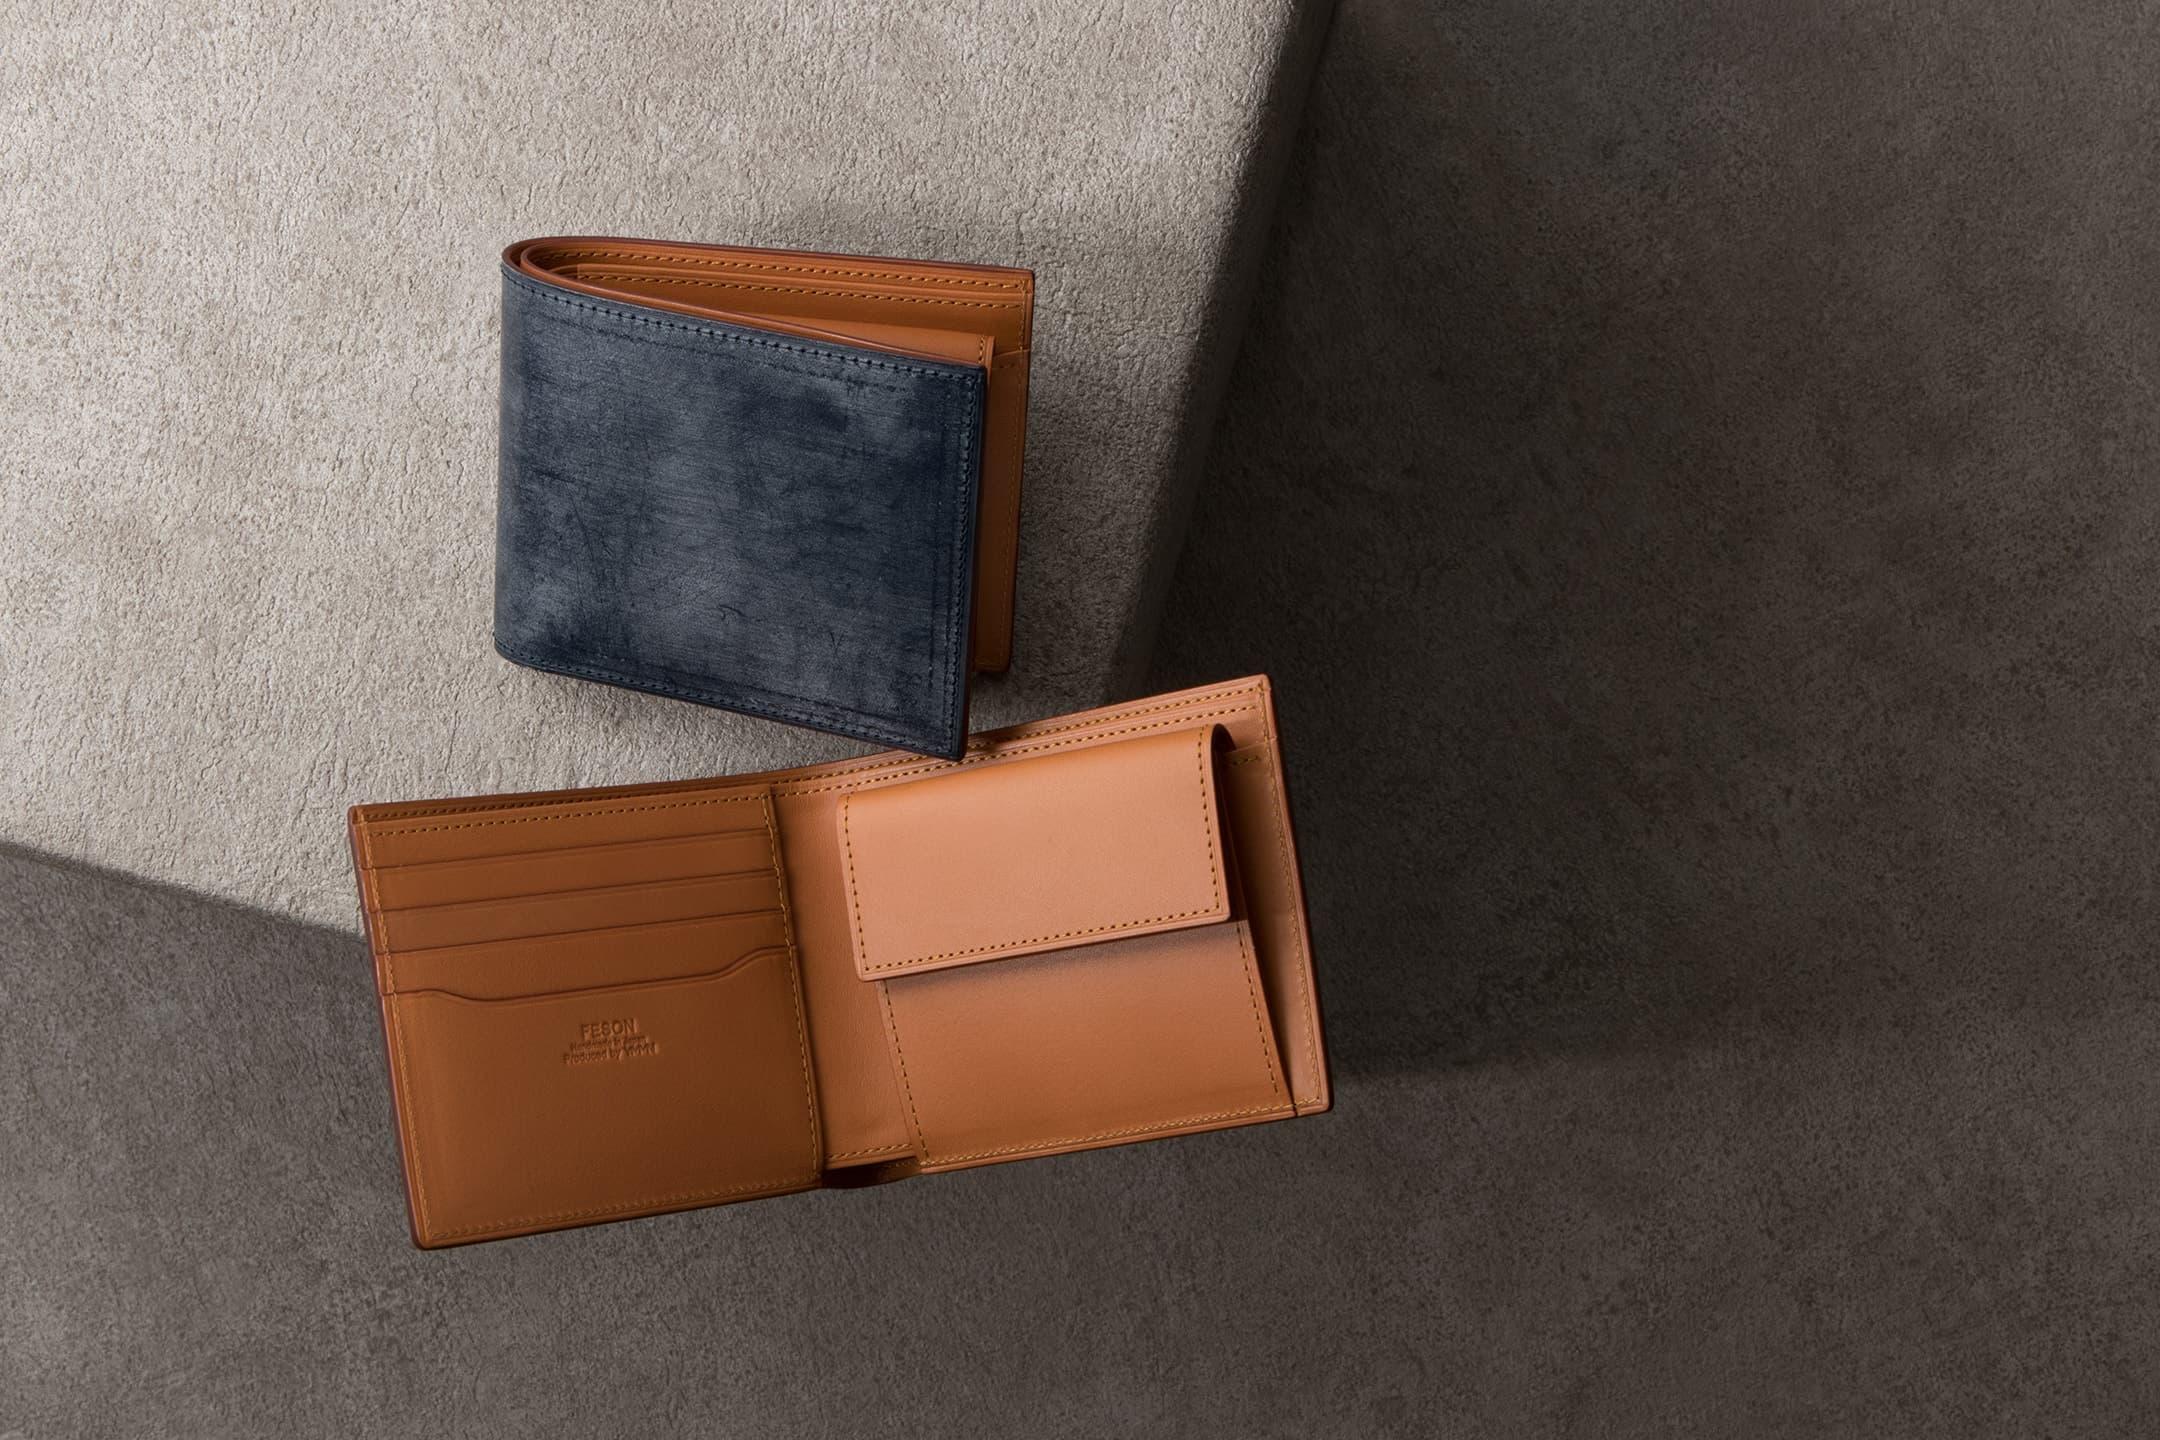 ブライドル 二つ折り財布(小銭入れ付) by FESON(フェソン)